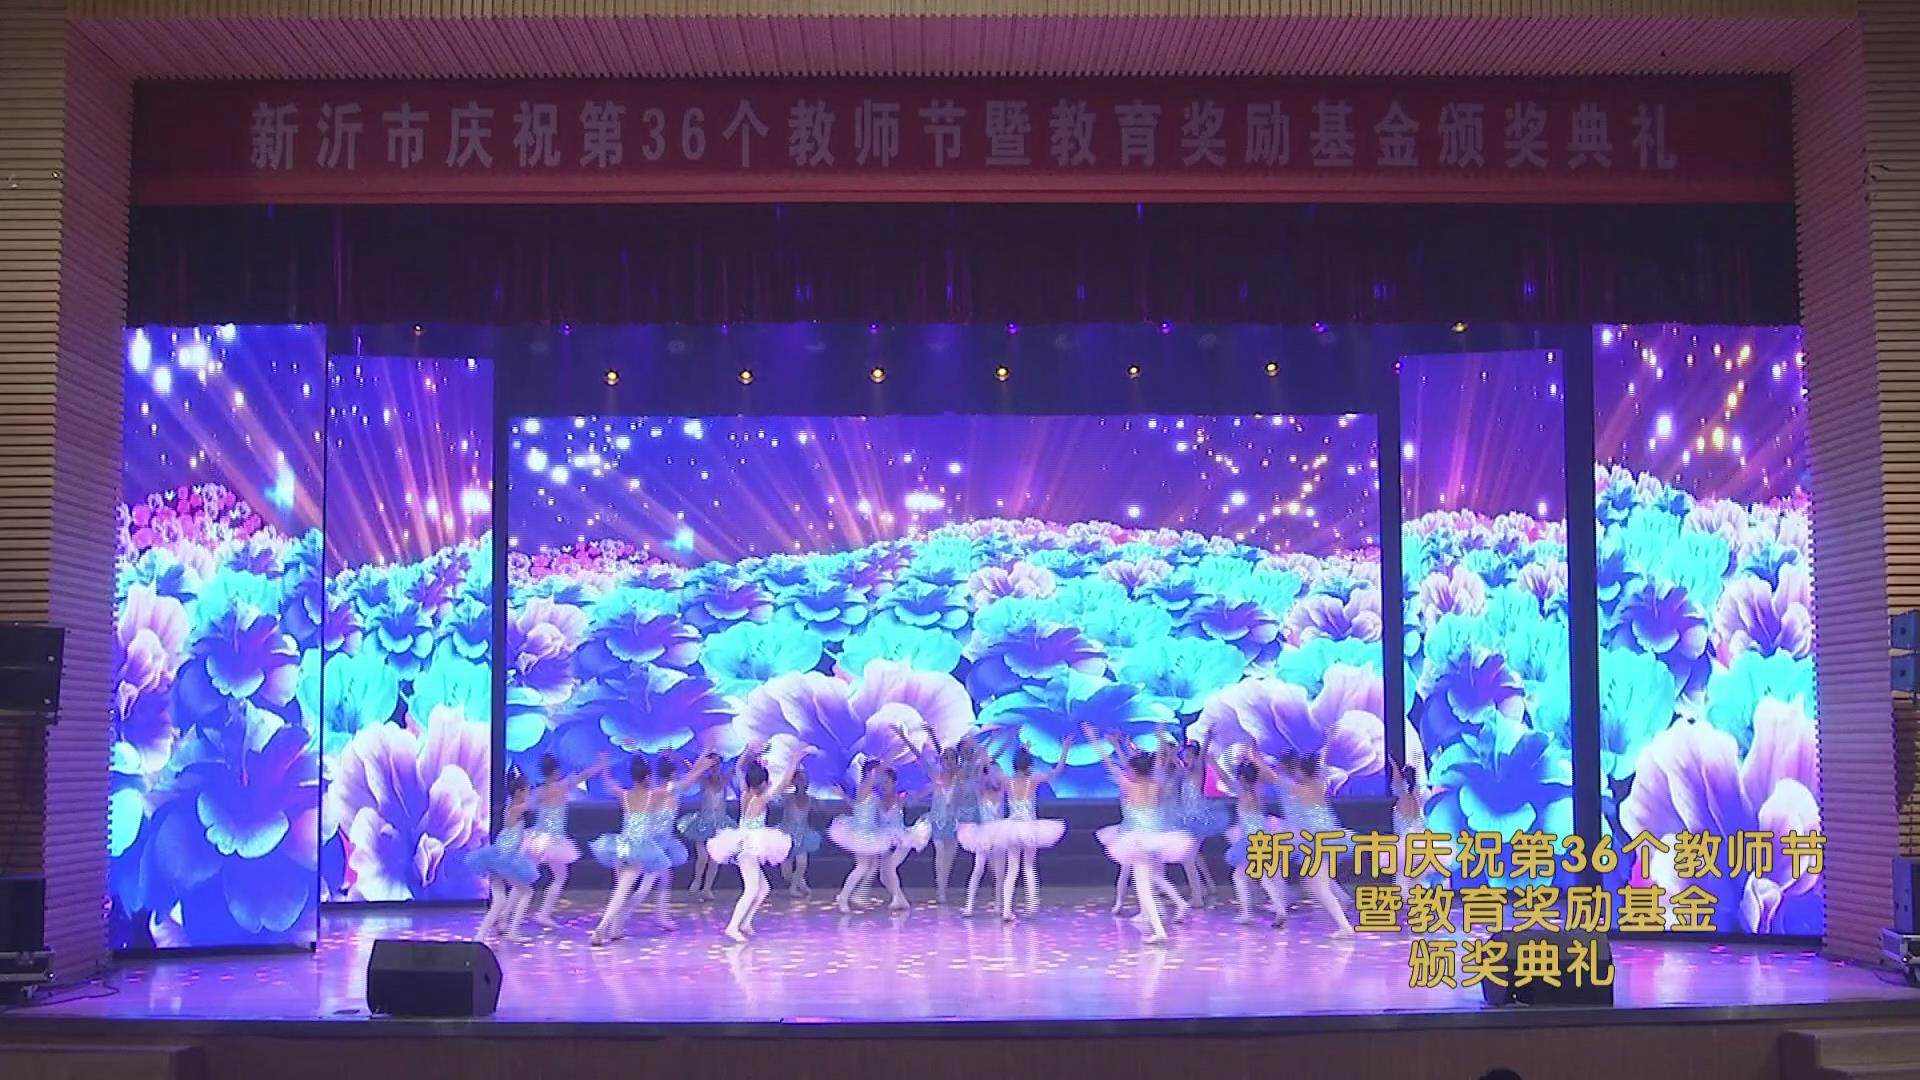 视频:新沂市庆祝第36个教师节暨教育奖励基金颁奖典礼